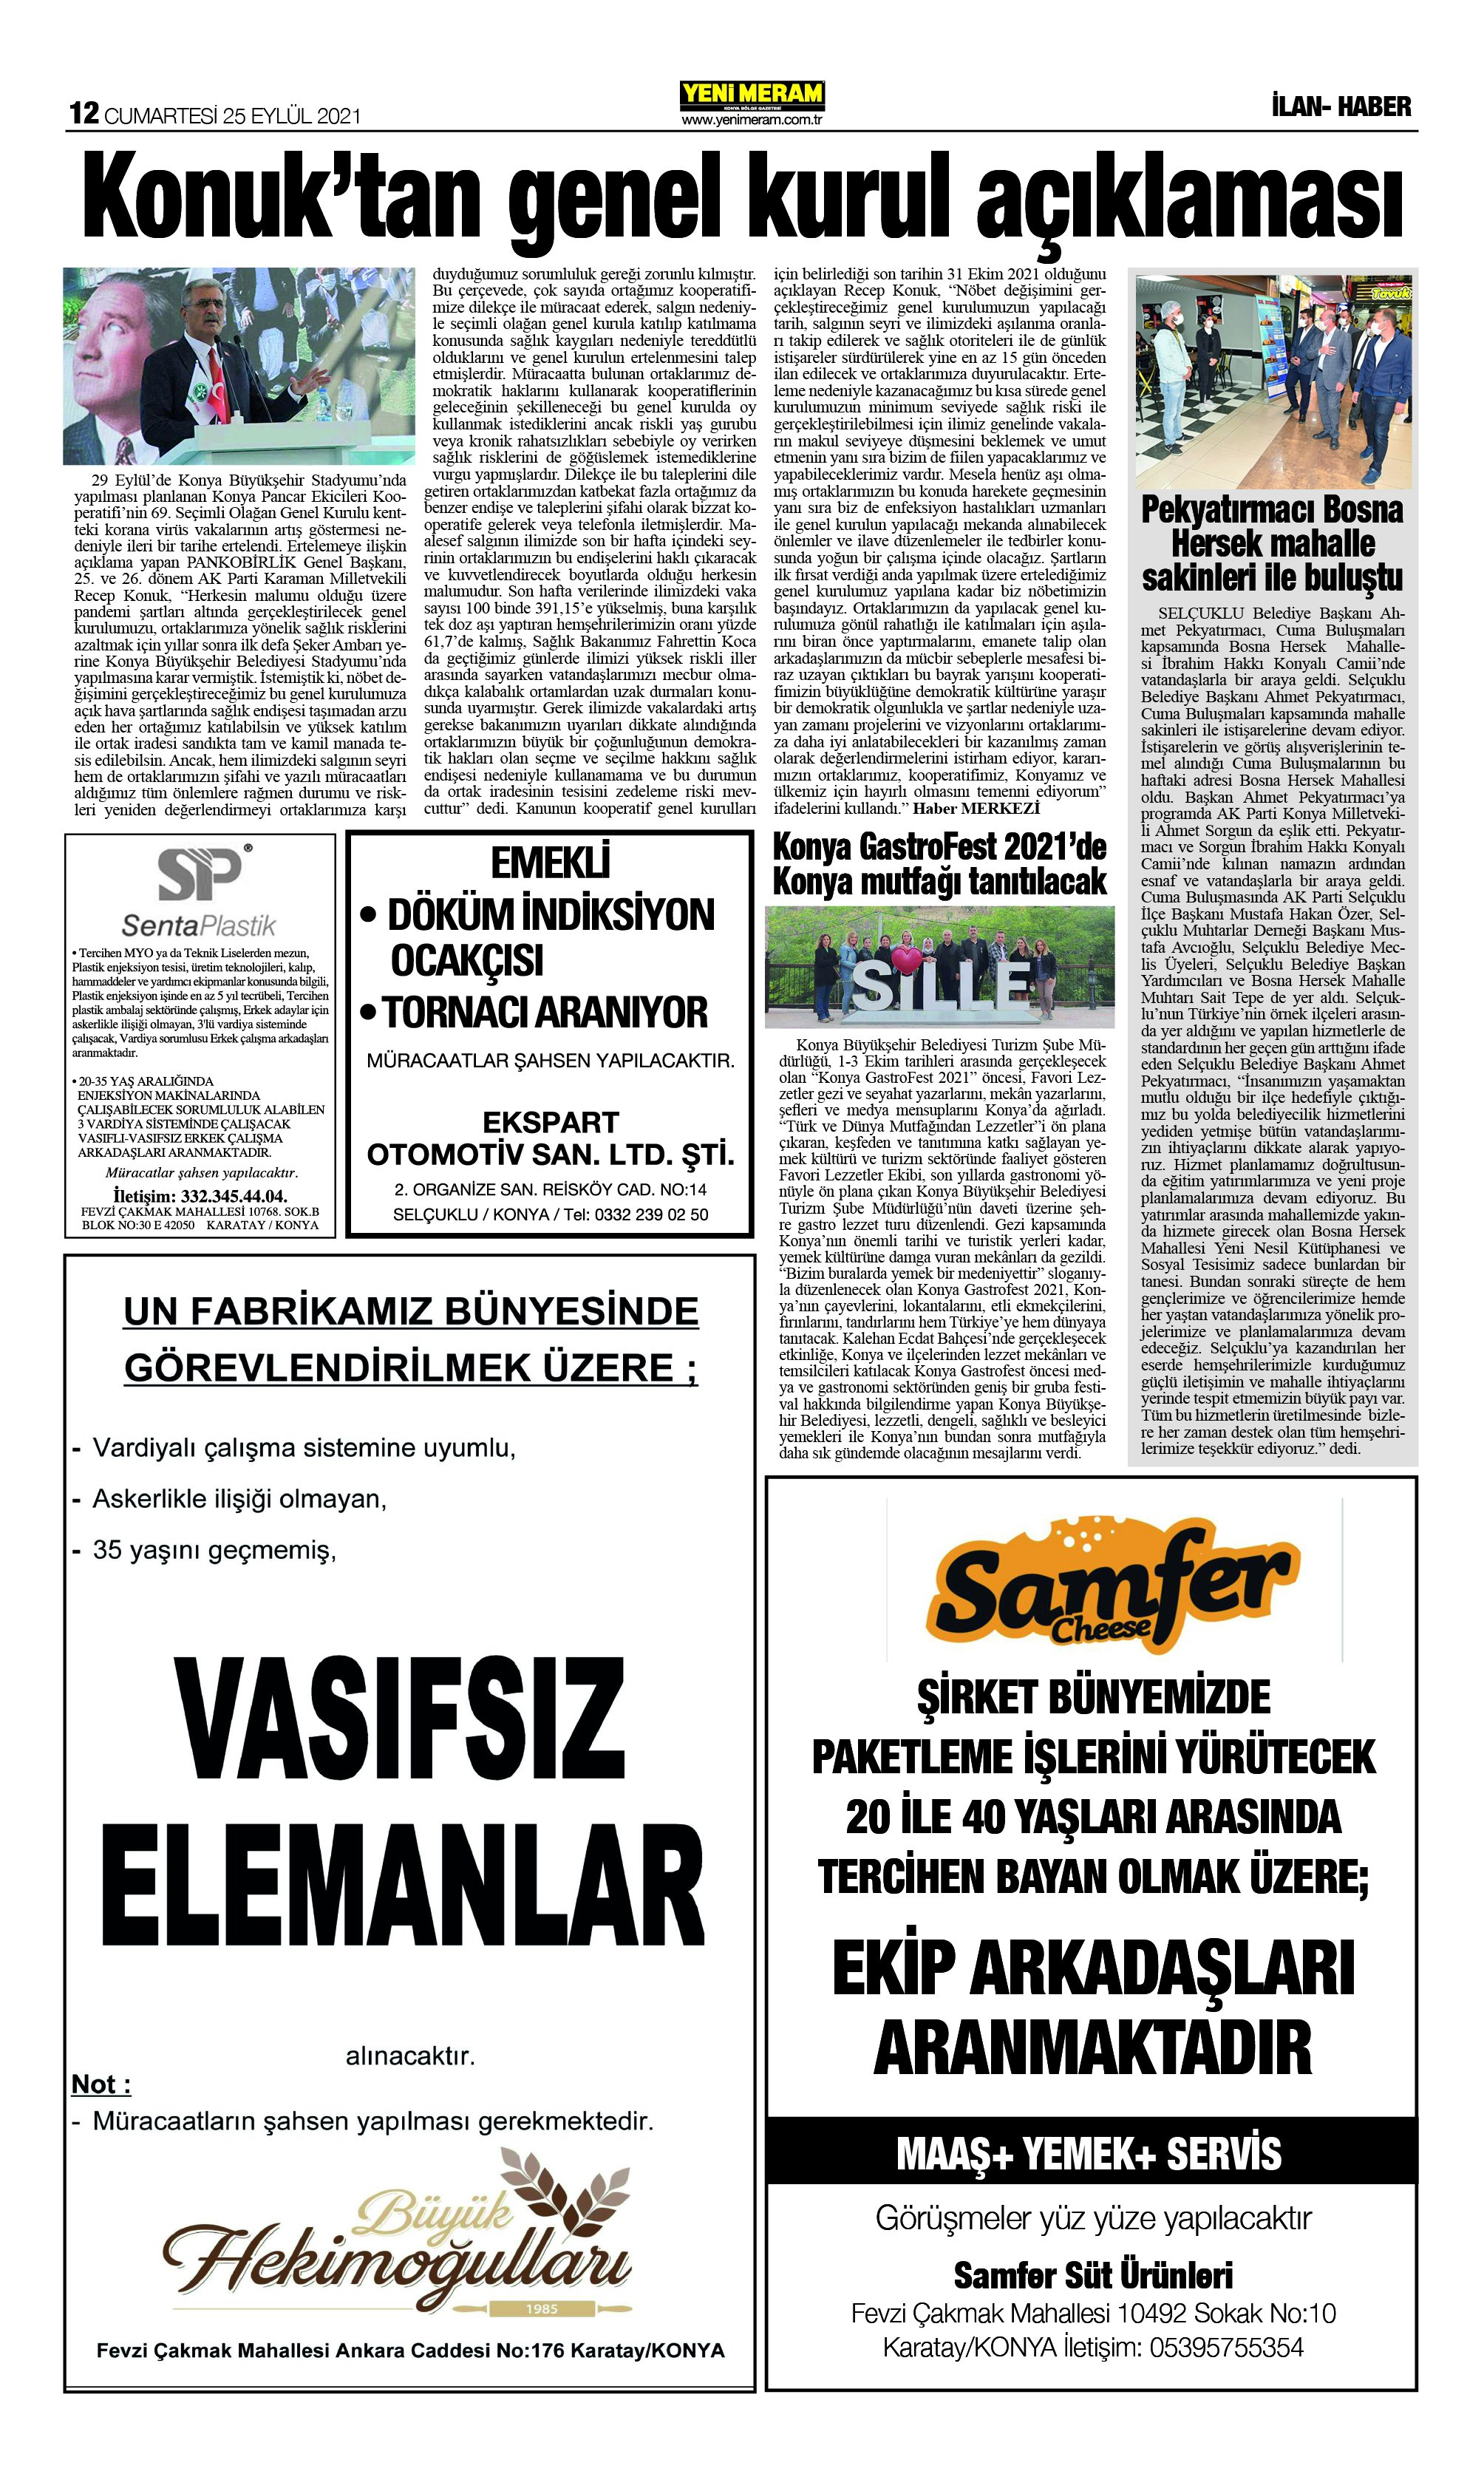 25 Eylül 2021 Yeni Meram Gazetesi